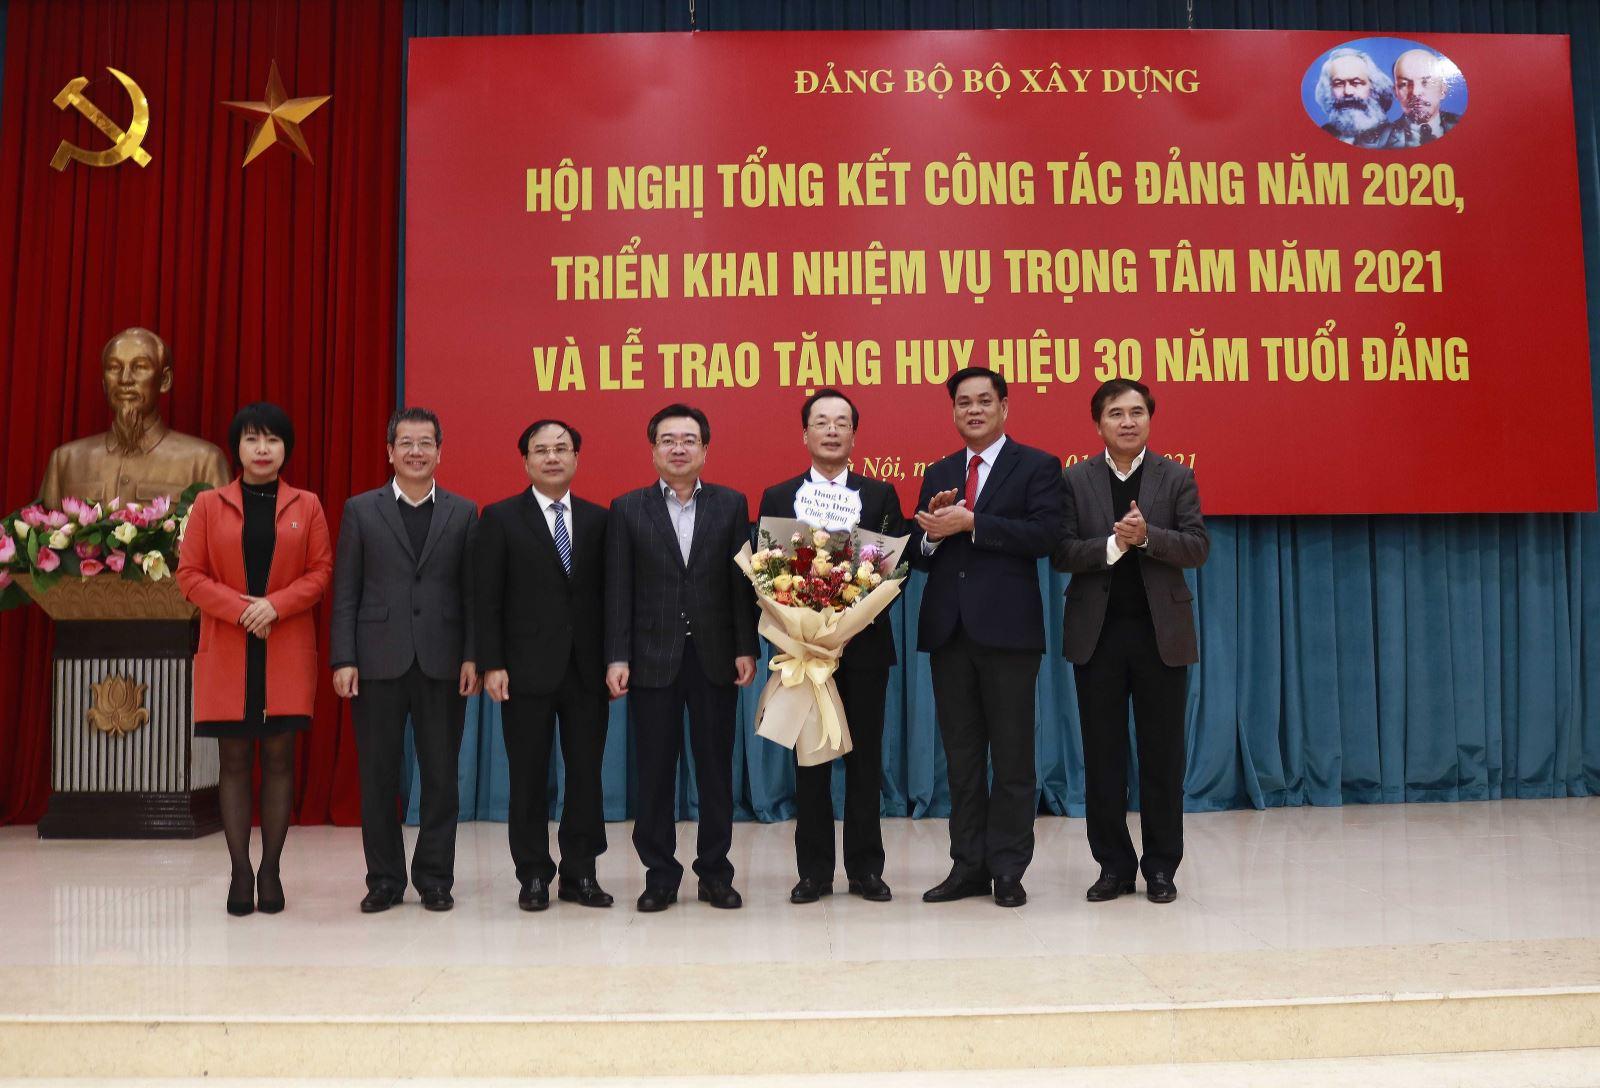 Các đồng chí trong Ban Cán sự Đảng Bộ Xây dựng chúc mừng Bộ trưởng, đảng viên Phạm Hồng Hà